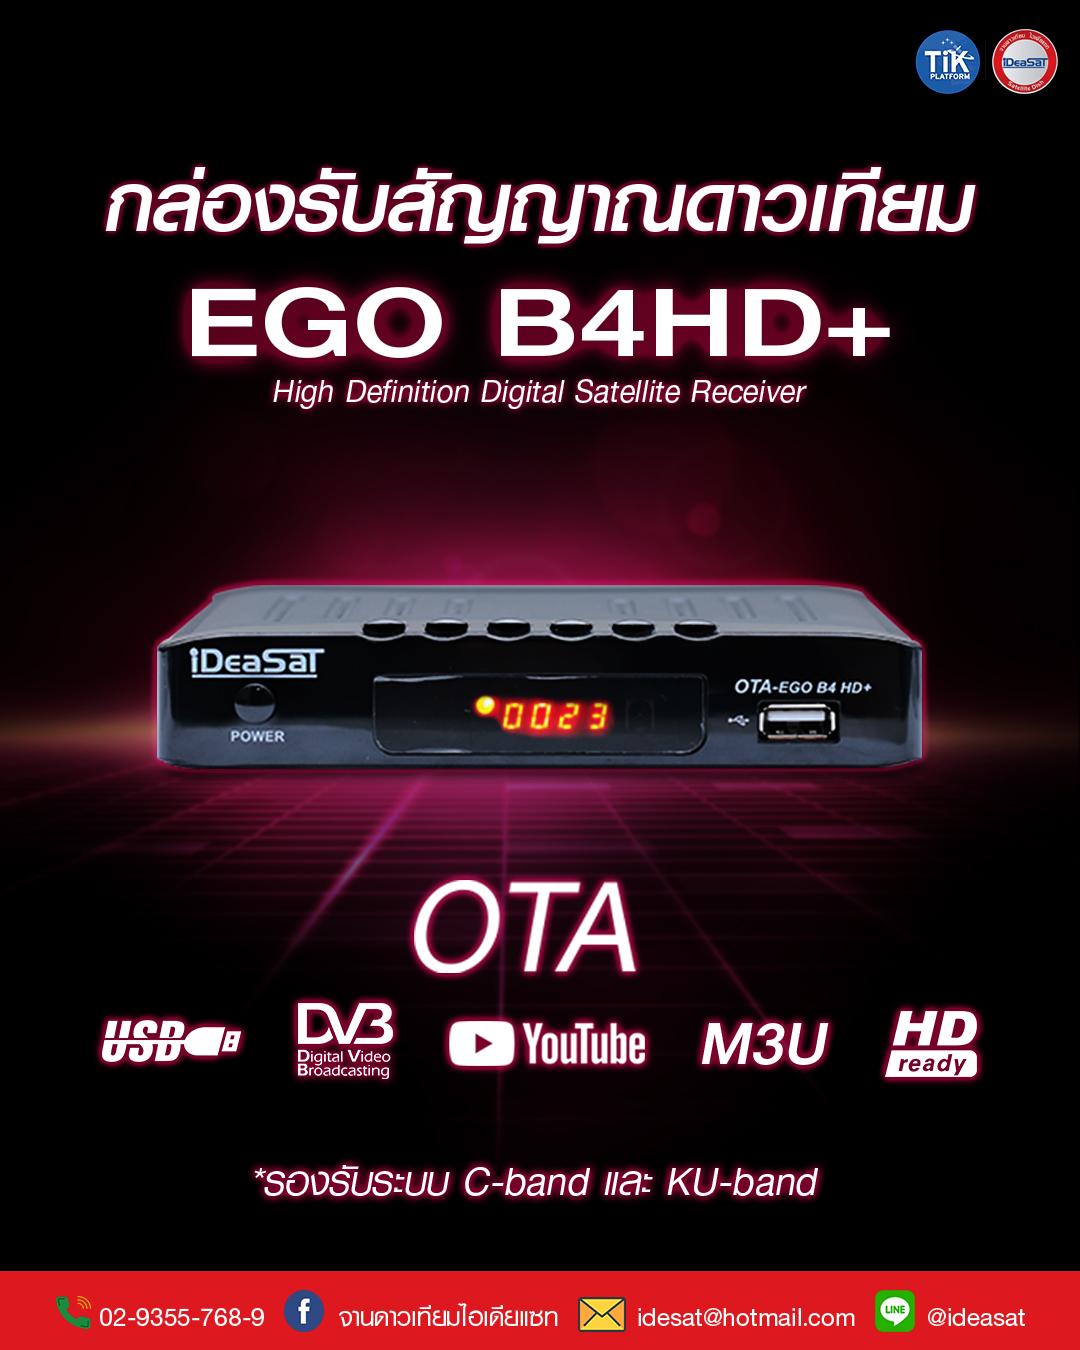 ego b4